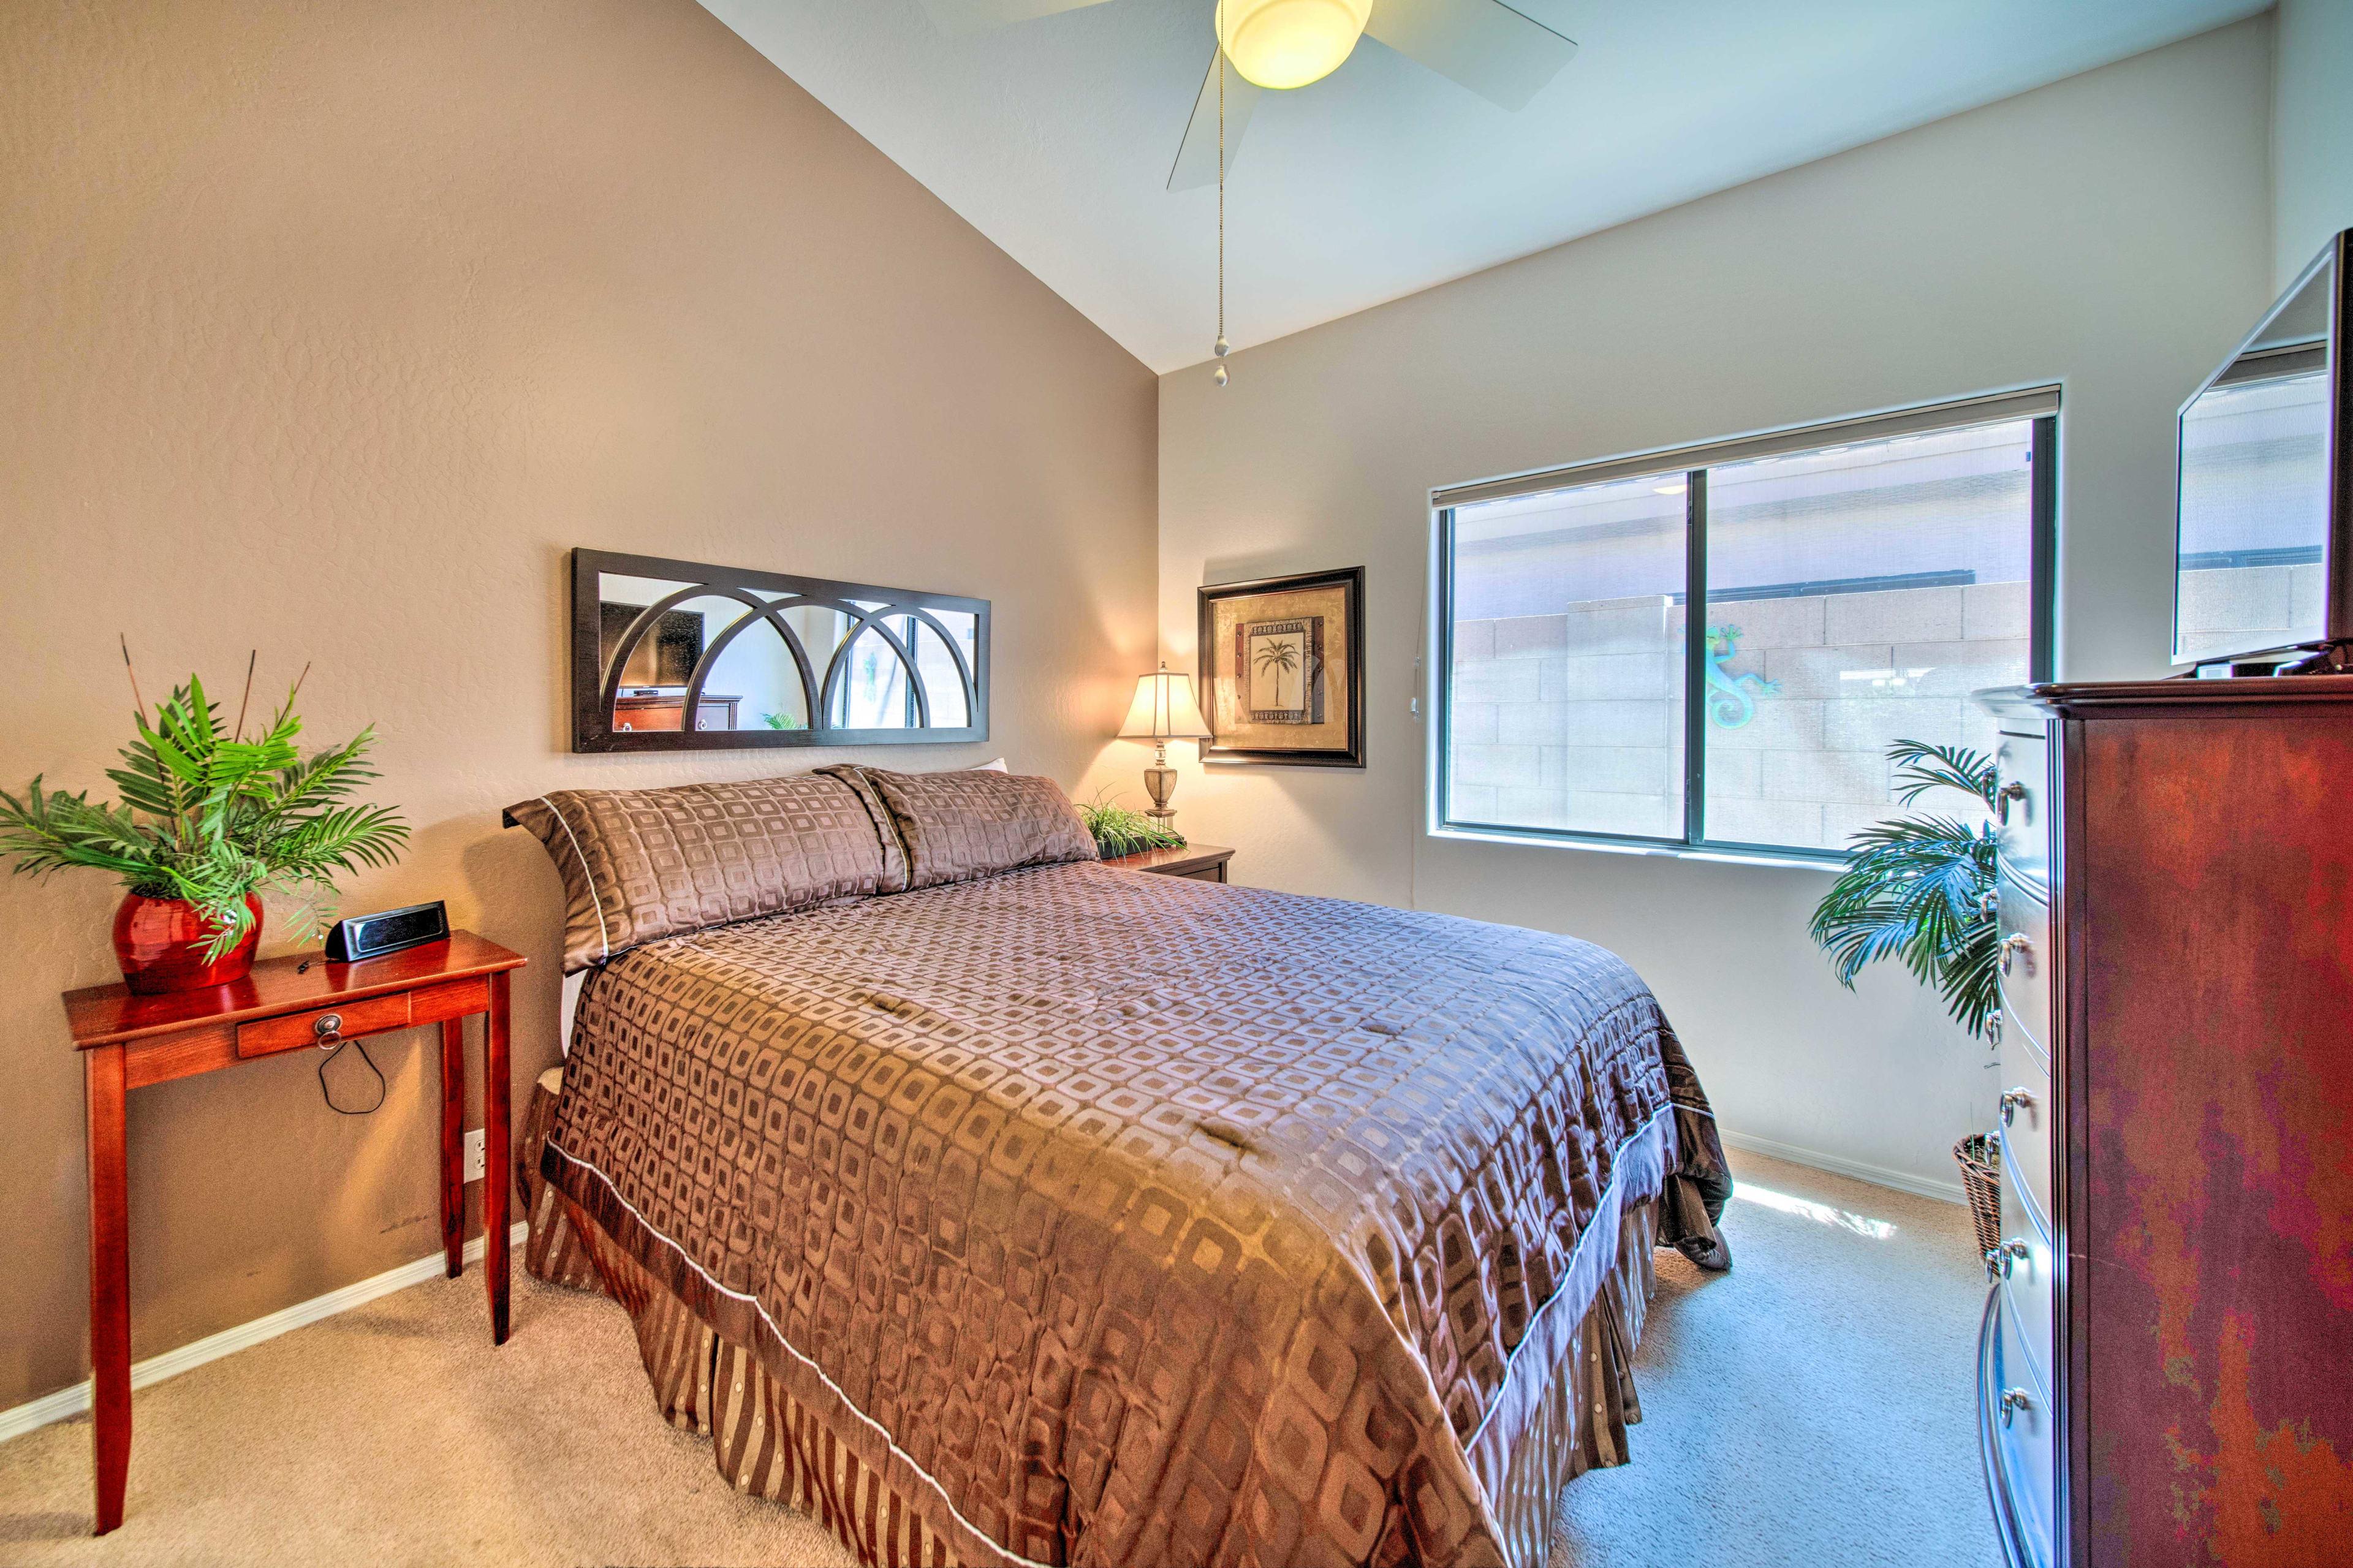 Bedroom 3 | Queen Bed | Smart TV